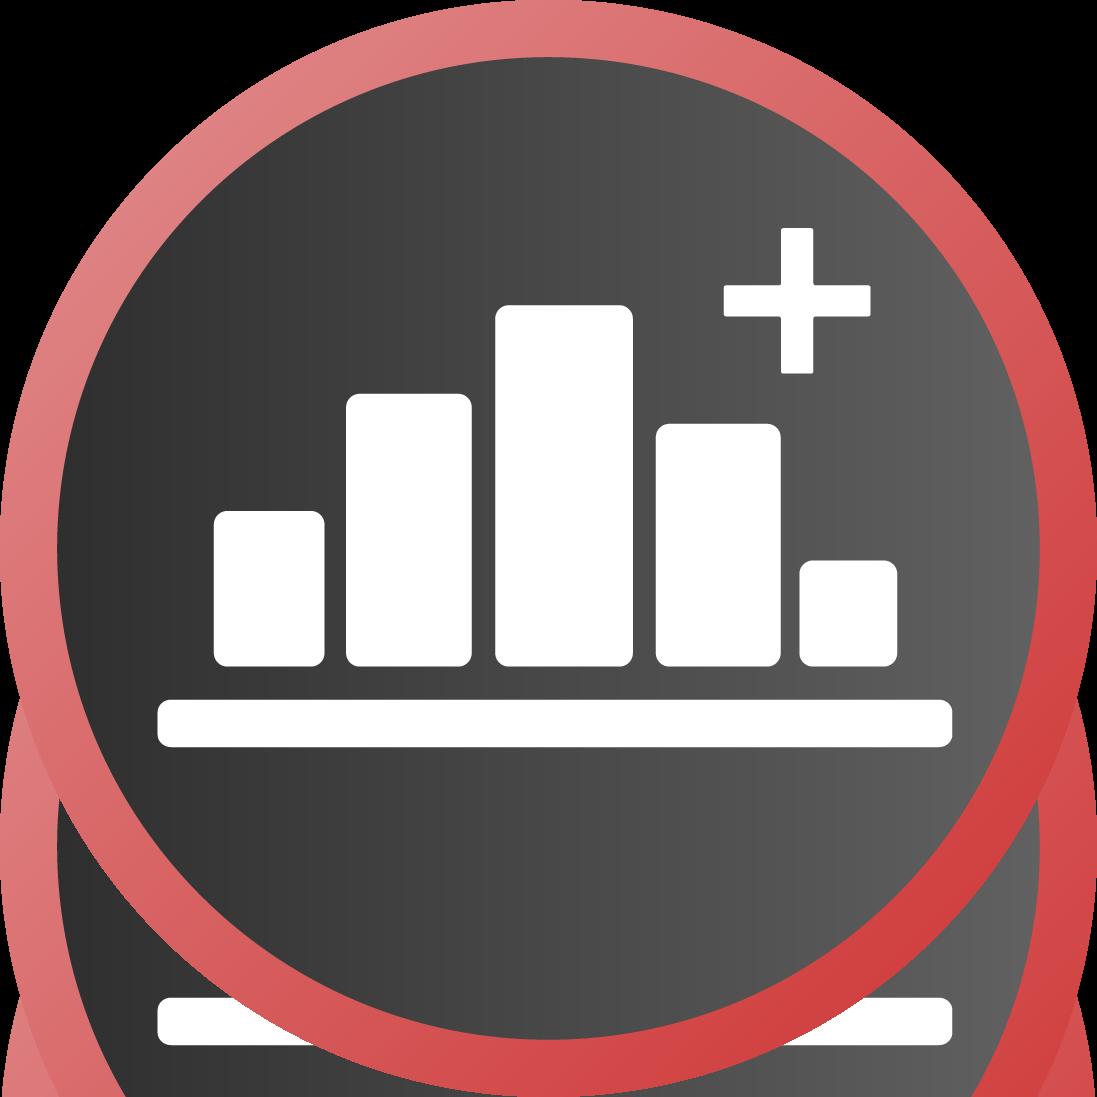 Zones_Cumulative